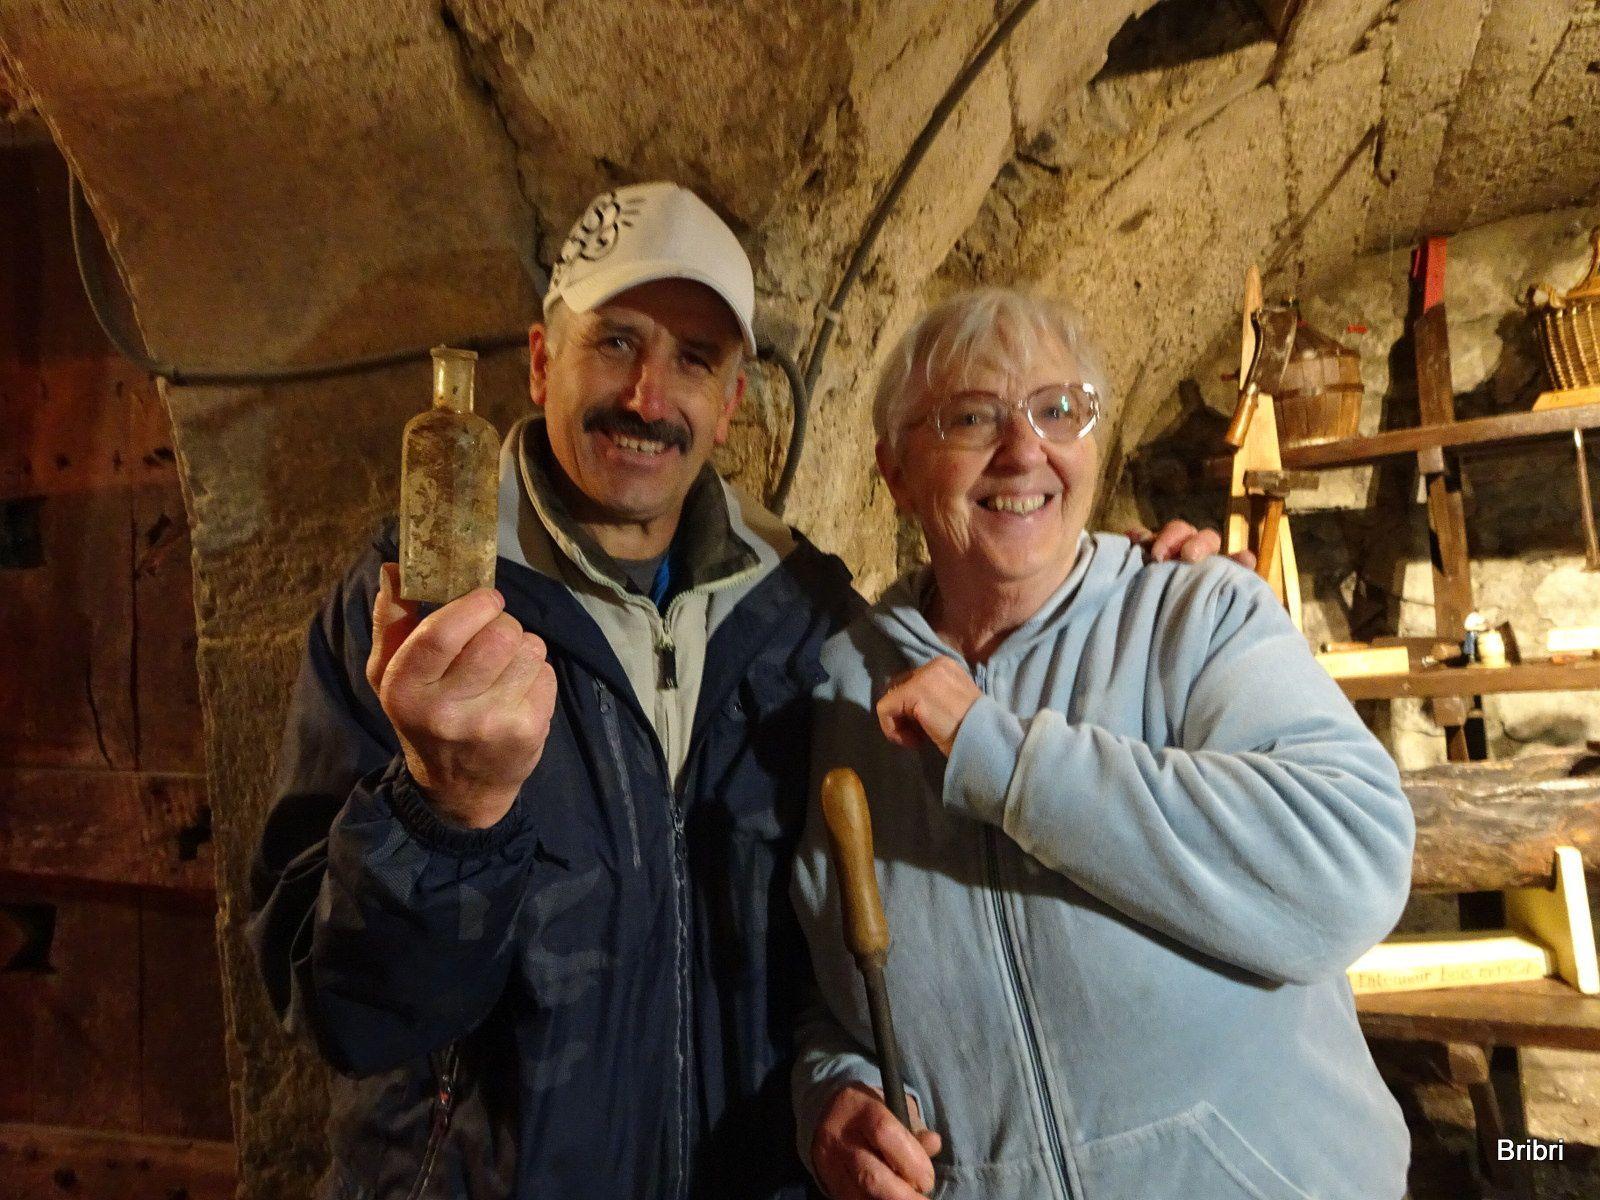 Bien entretenu et concu par des gens motivés. José découvre cette bouteille dans le sol de terre battue, bravo à lui, une pièce de plus dans le musée.